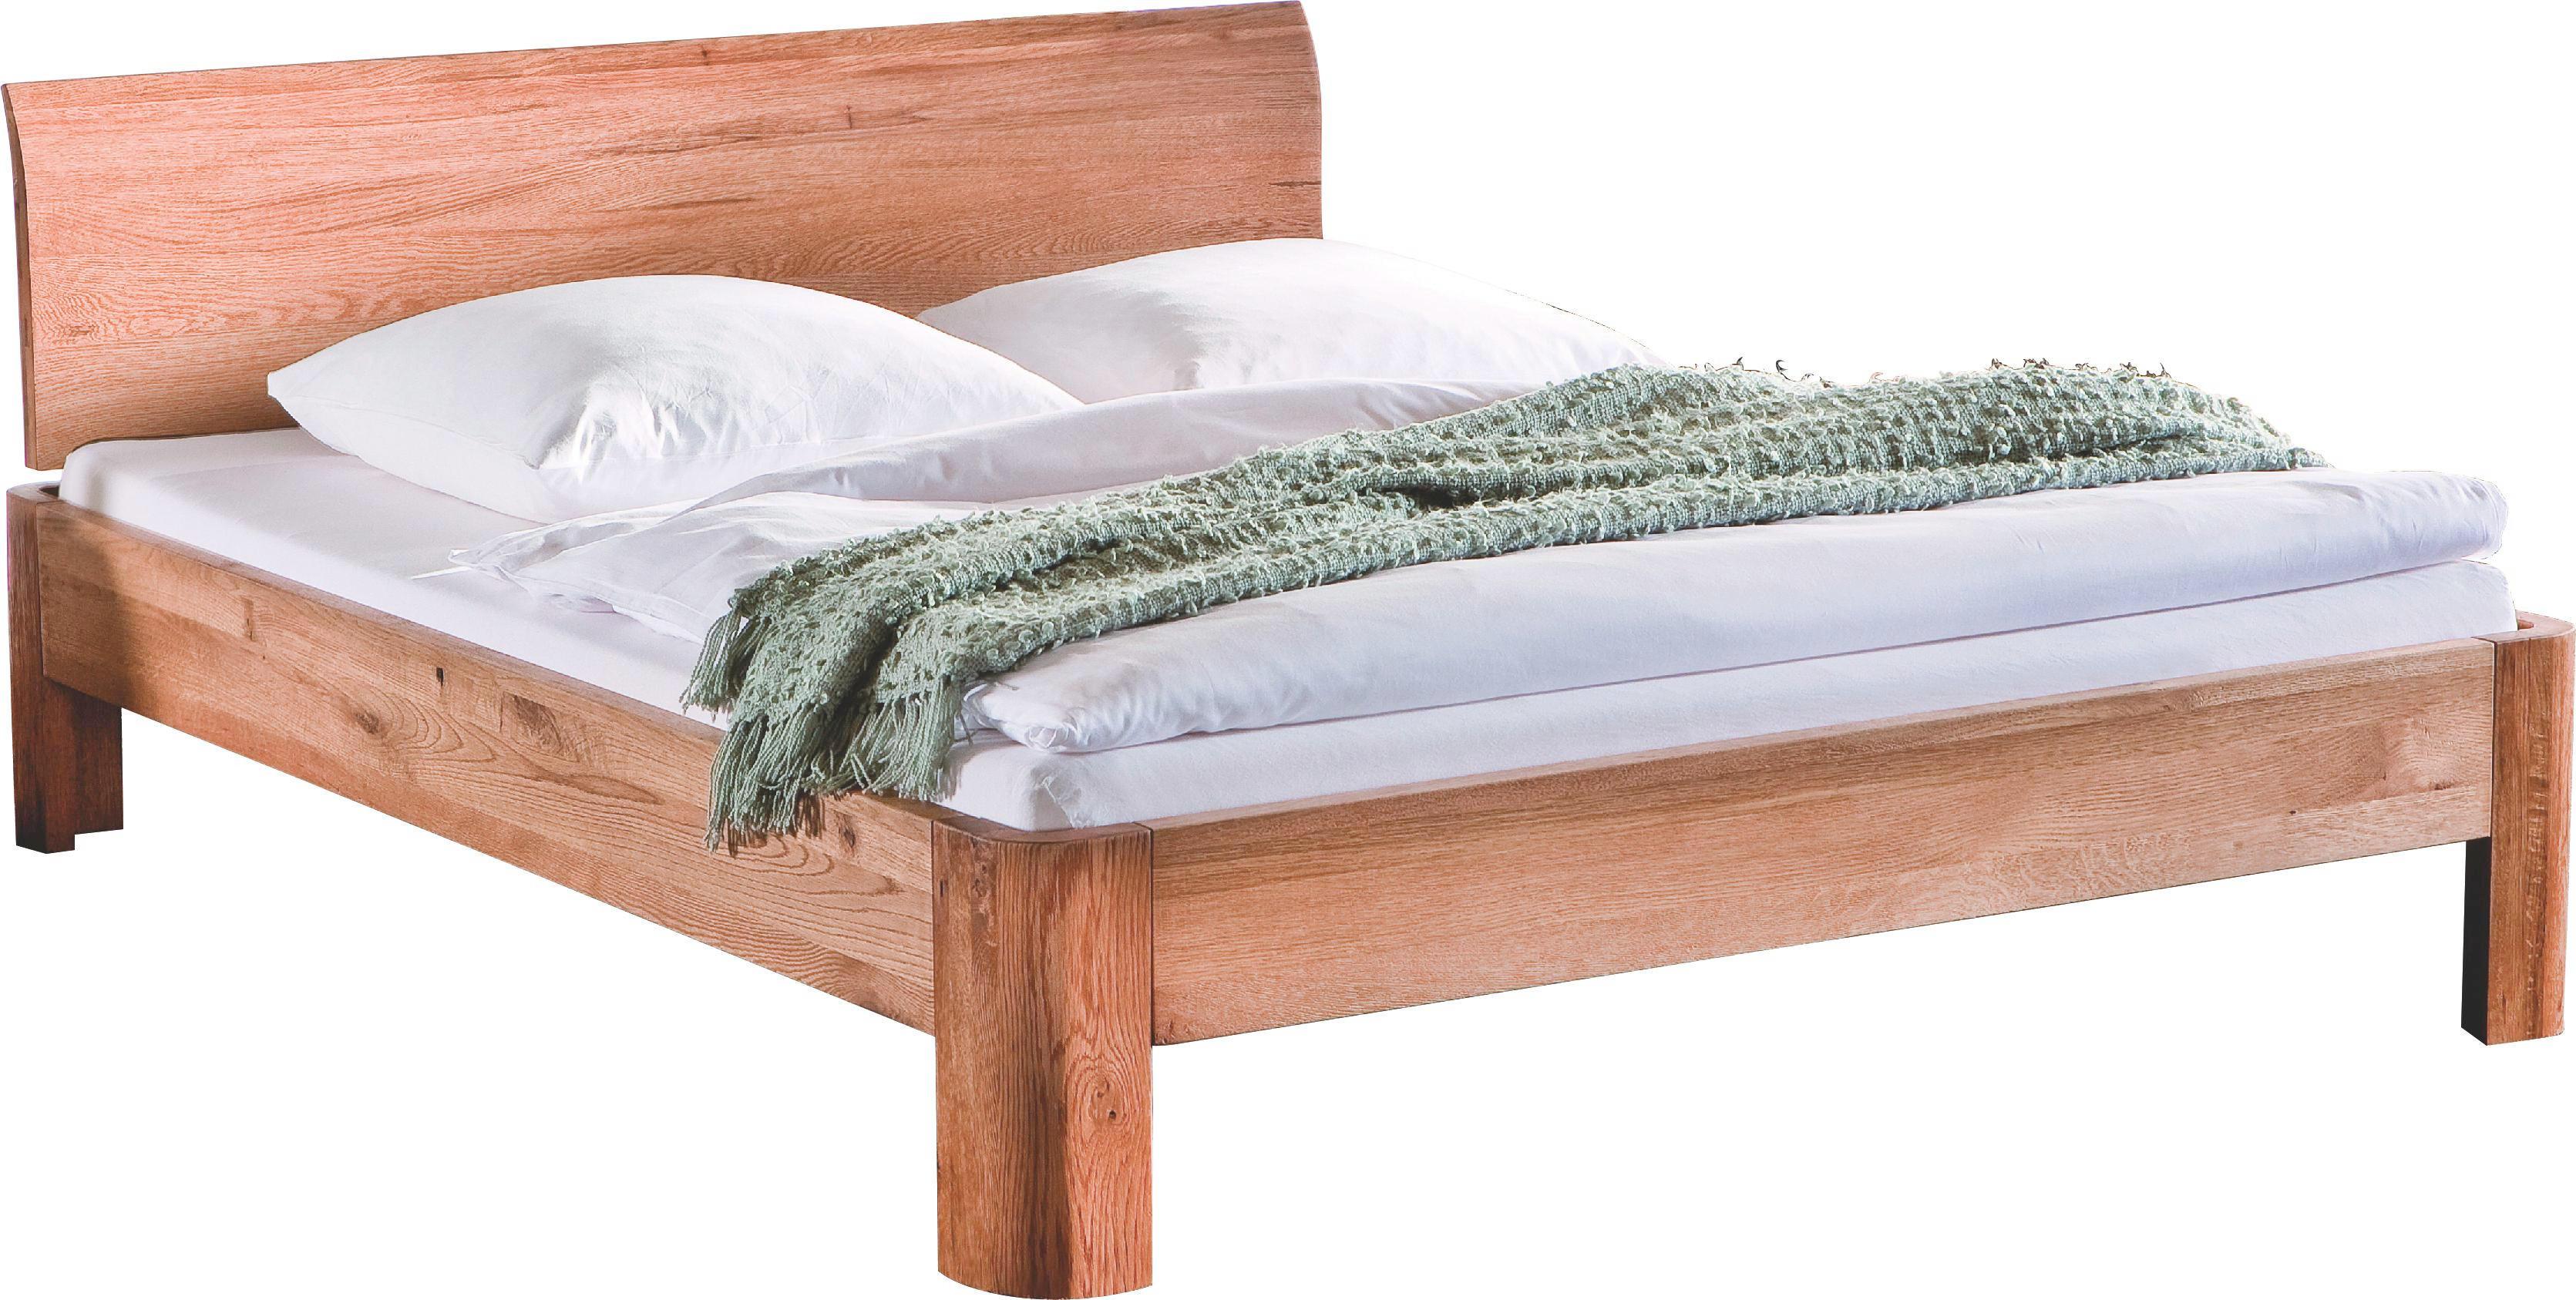 BETT Eiche massiv 140/200 cm - Eichefarben, Design, Holz (140/200cm) - HASENA